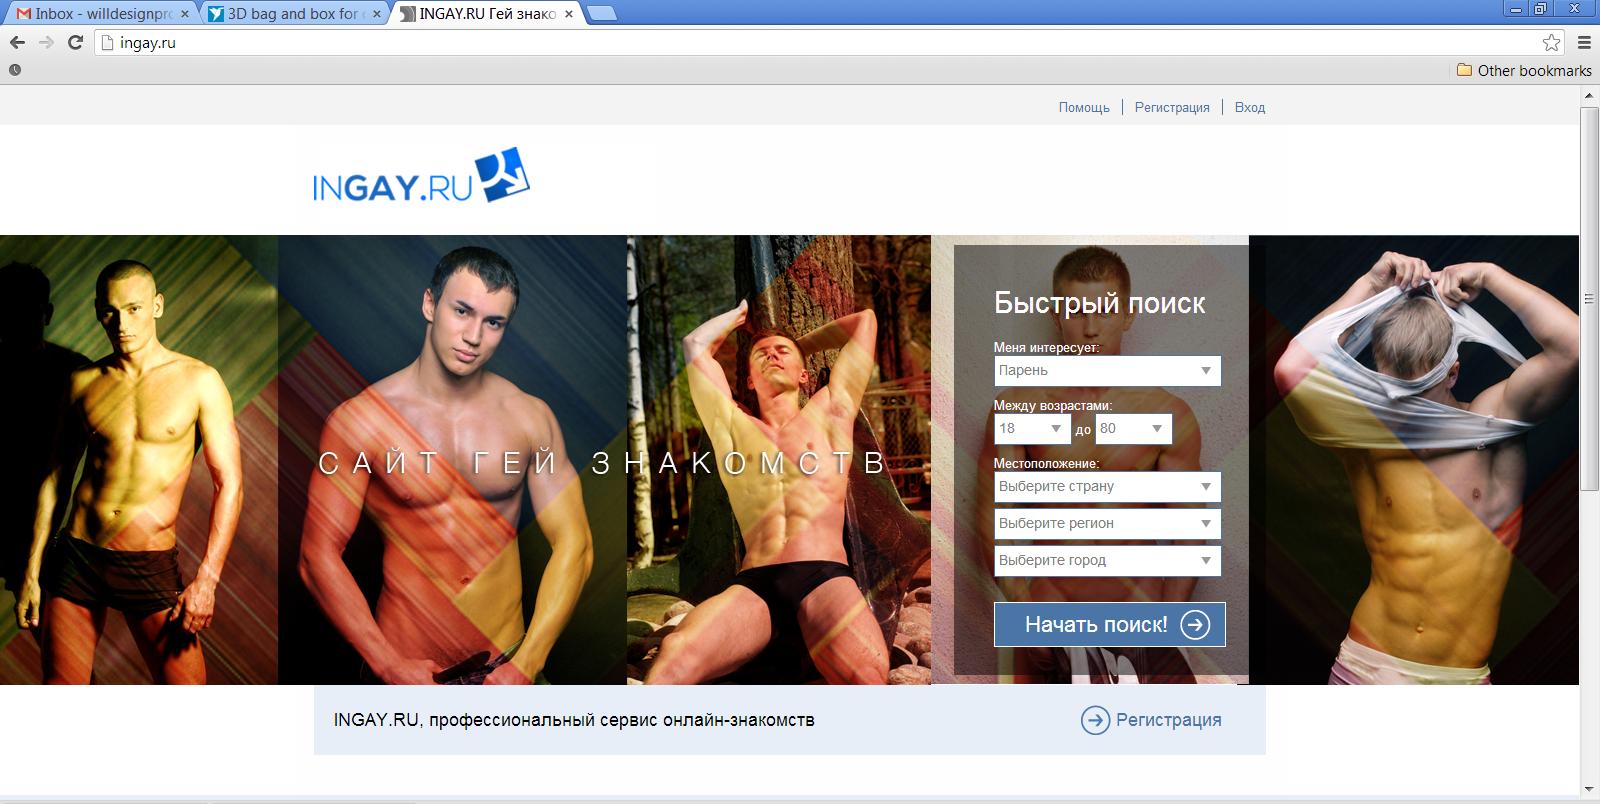 сайт знакомств для геев без регистрации и смс